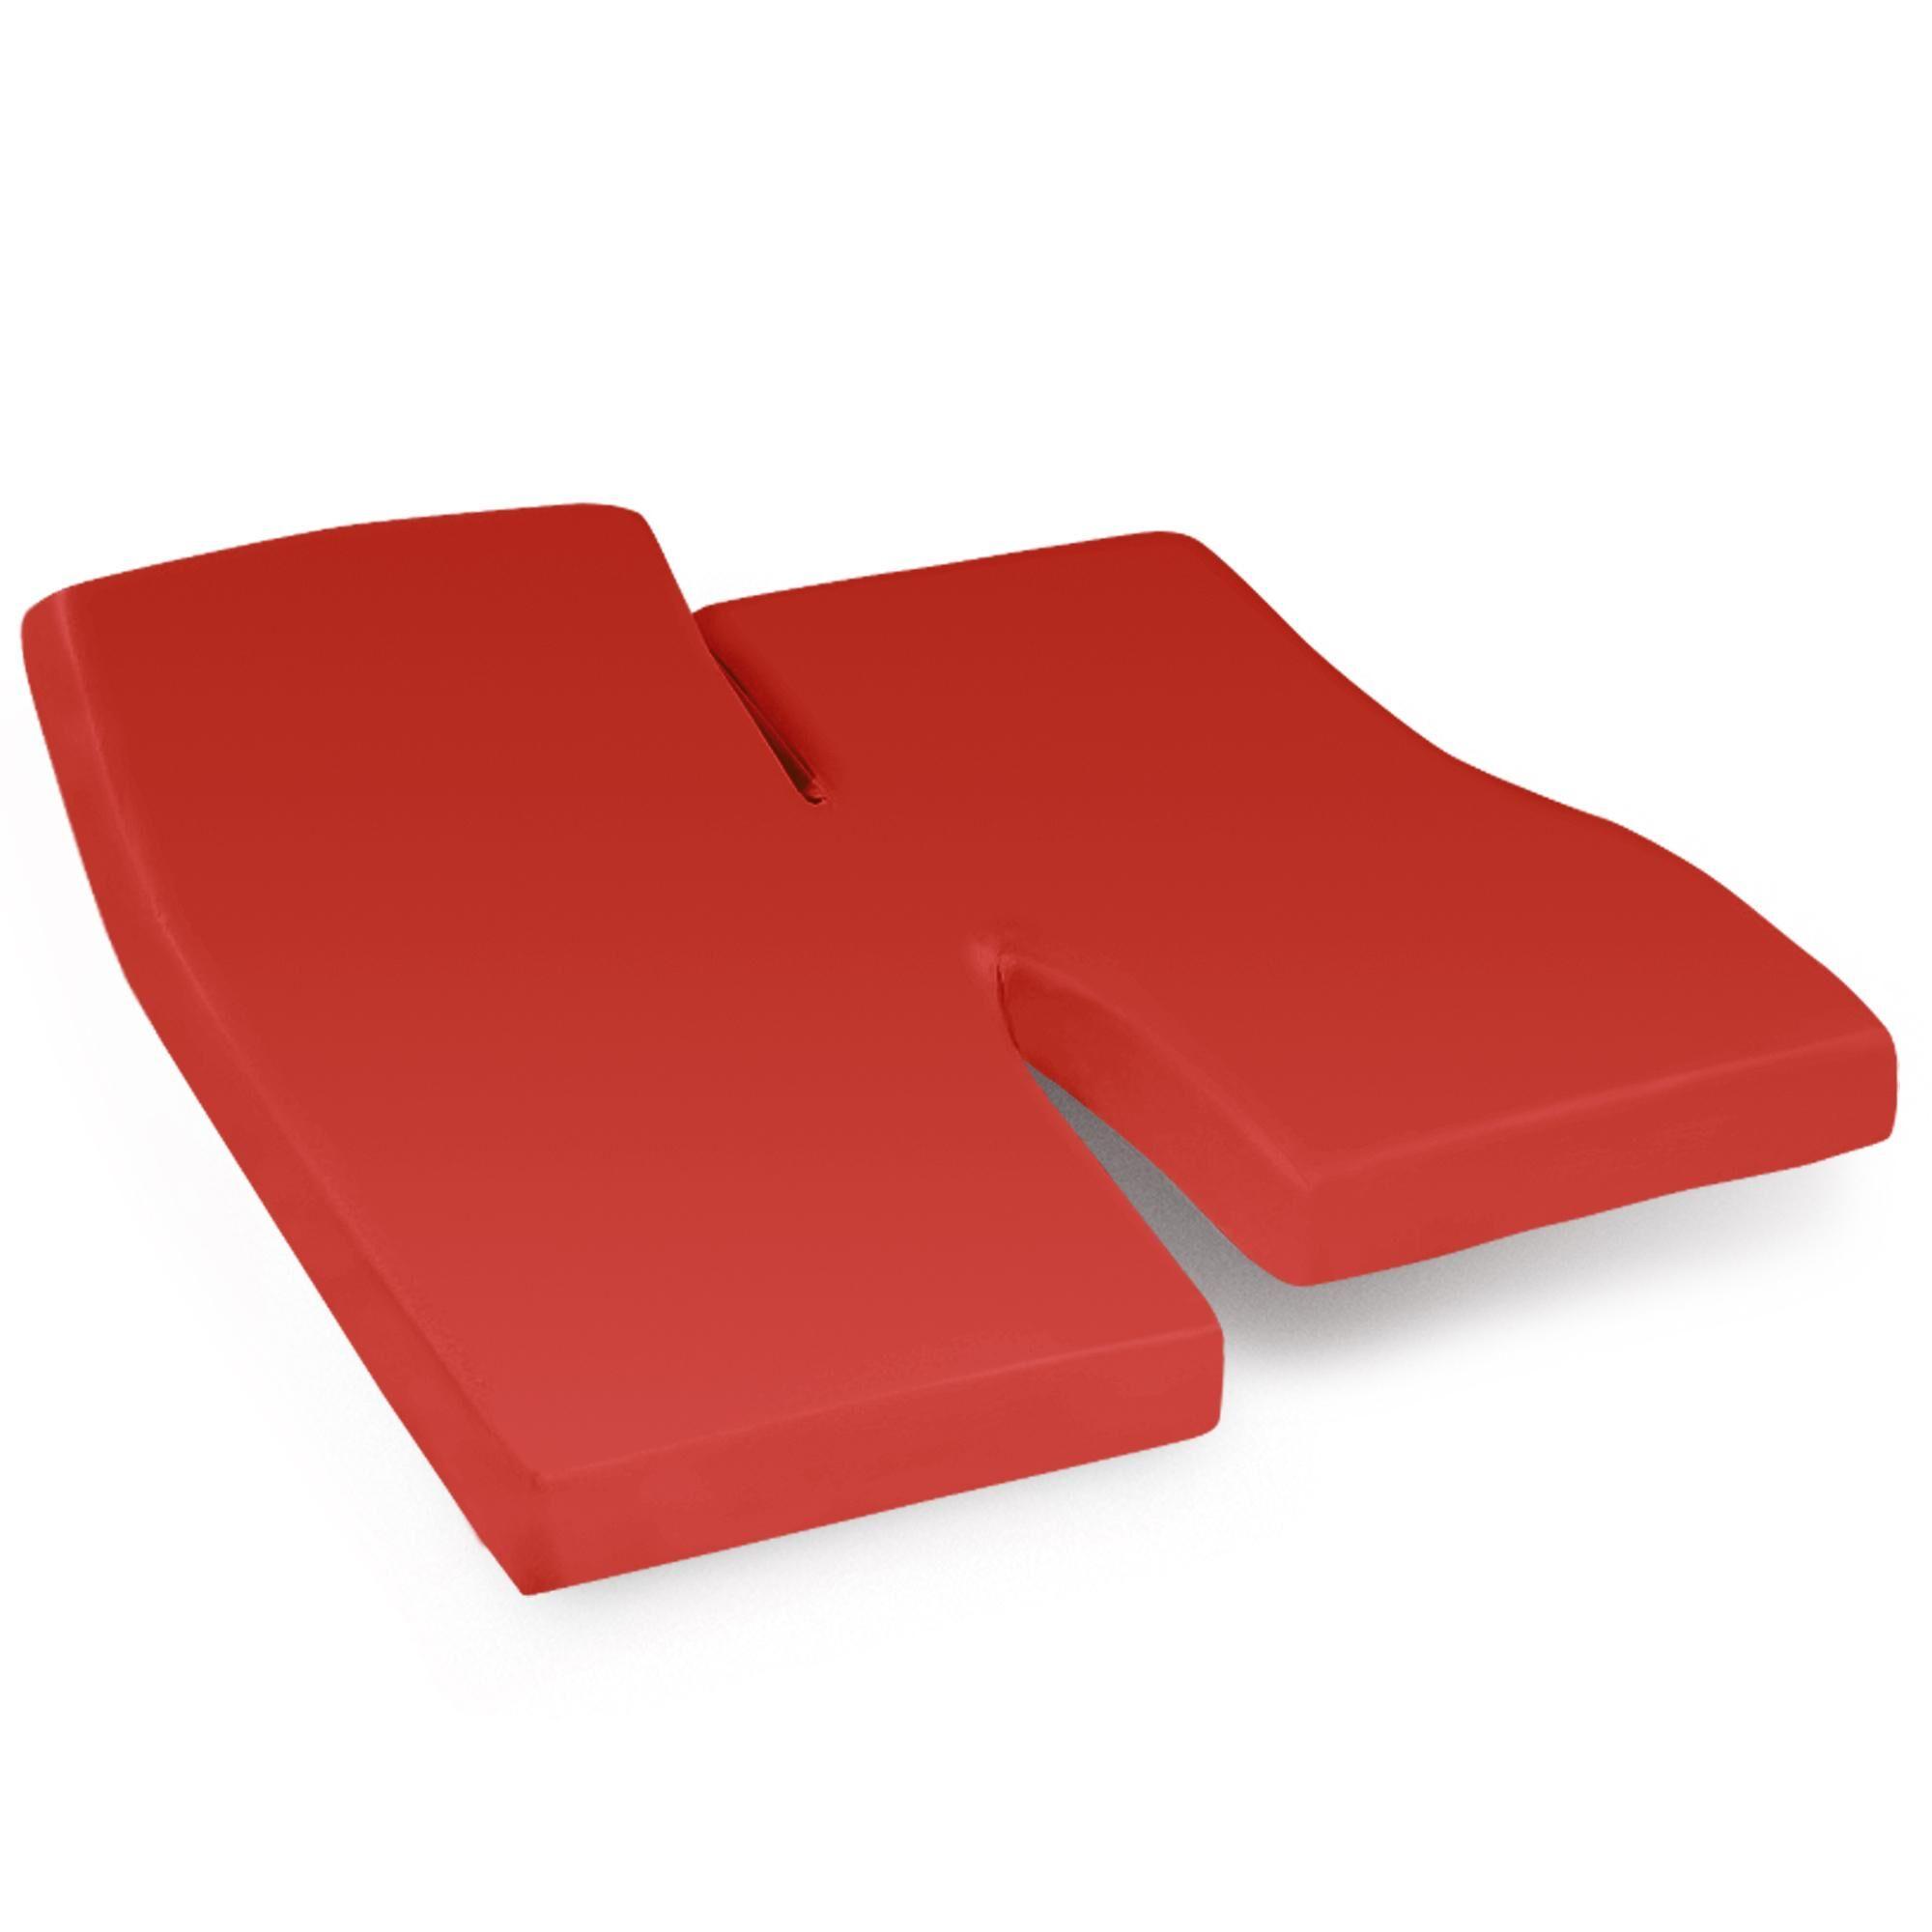 Linnea Drap housse relaxation uni 2x90x220 cm 100% coton ALTO orange Baie de Goji TPR Tête et pied relevable